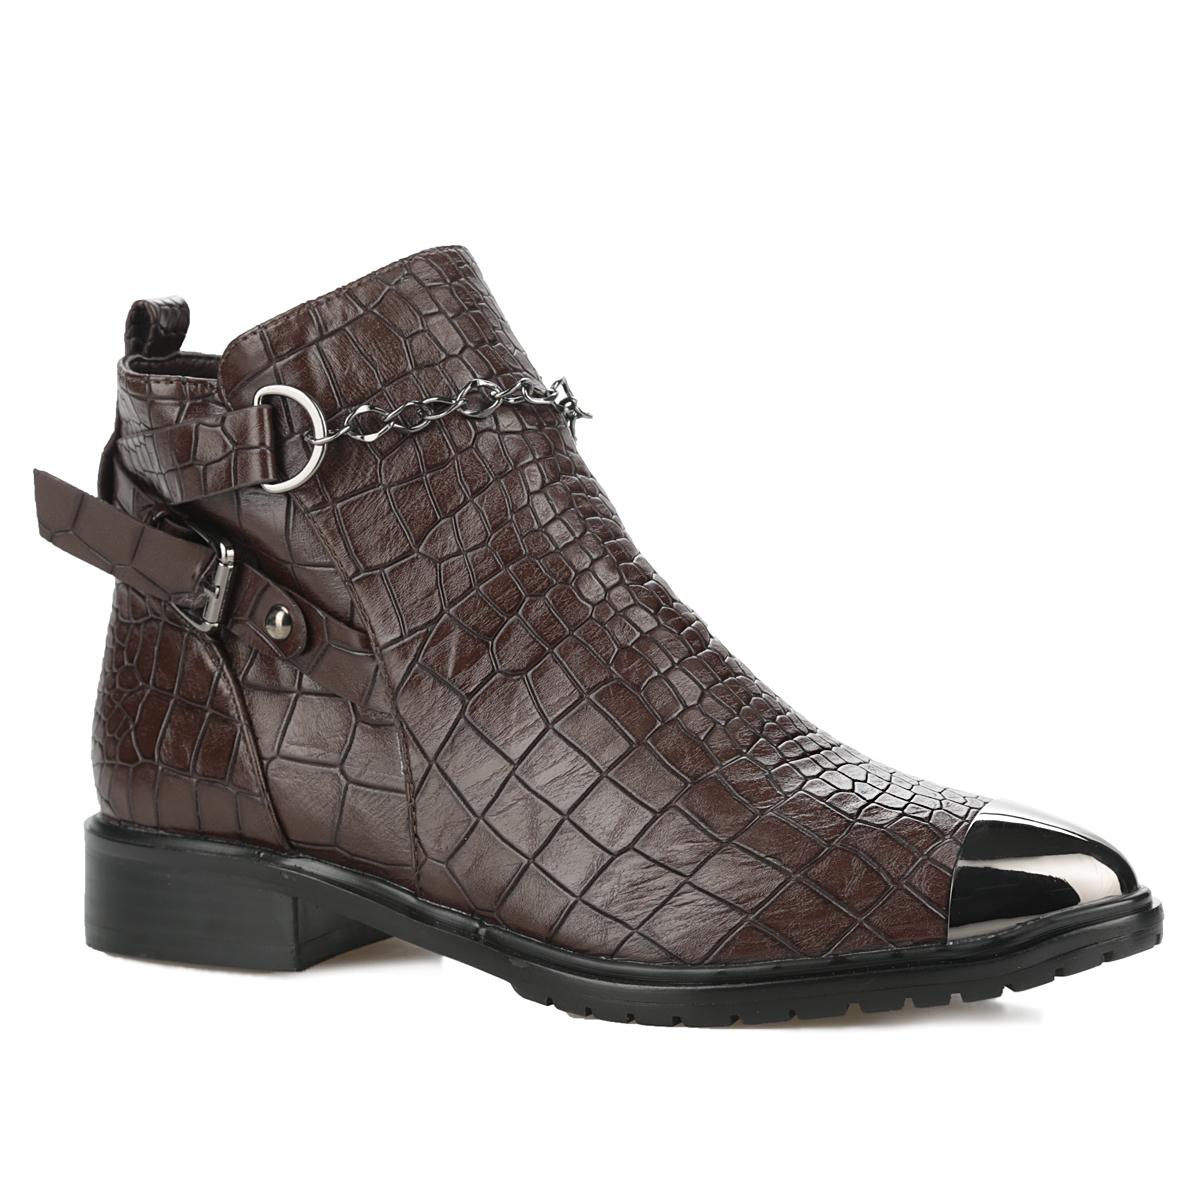 Ботинки женские. 958063/03-02958063/03-02Стильные женские ботинки от Betsy заинтересуют вас своим дизайном с первого взгляда! Модель выполнена из искусственной кожи с декоративным тиснением под рептилию. Подкладка и стелька, изготовленные из мягкого материла - байки, защитят ноги от холода и обеспечат комфорт. Мыс изделия декорирован металлической пластиной. Подъем дополнен оригинальной цепью. Два узких ремня с металлической пряжкой прямоугольной формы украшают одну из боковых сторон и задник. Так же задник декорирован наружным ремнем и ярлычком. Ботинки застегиваются на застежку-молнию, расположенную сбоку. Подошва из полимера с рельефным протектором обеспечивает отличное сцепление на любой поверхности. В этих ботинках вашим ногам будет комфортно и уютно. Они подчеркнут ваш стиль и индивидуальность.